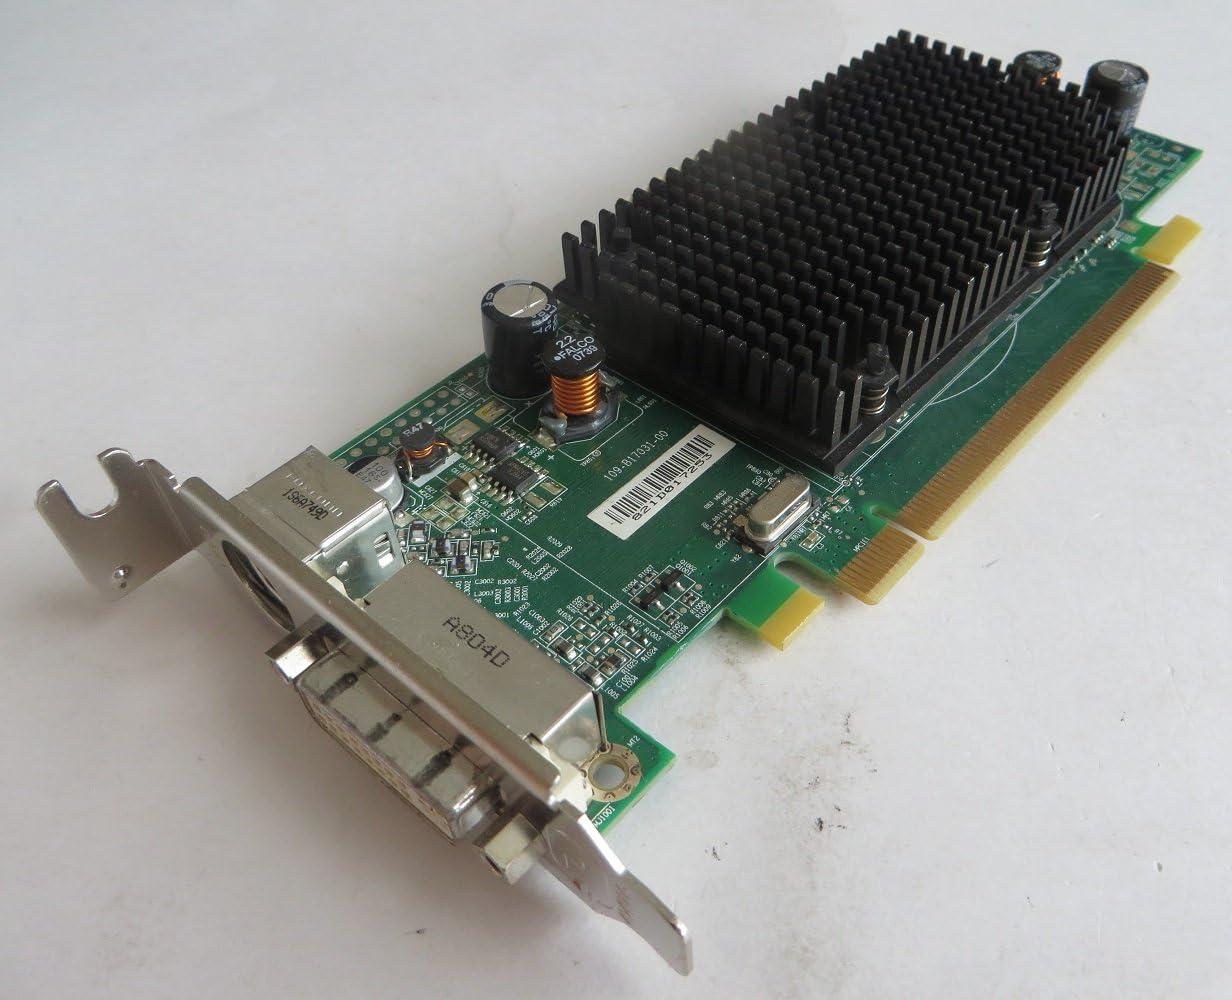 Genuine Dell XX347 ATI Radeon HD 2400 PRO 256MB PCI-E x16 Low Profile Video Graphics Card